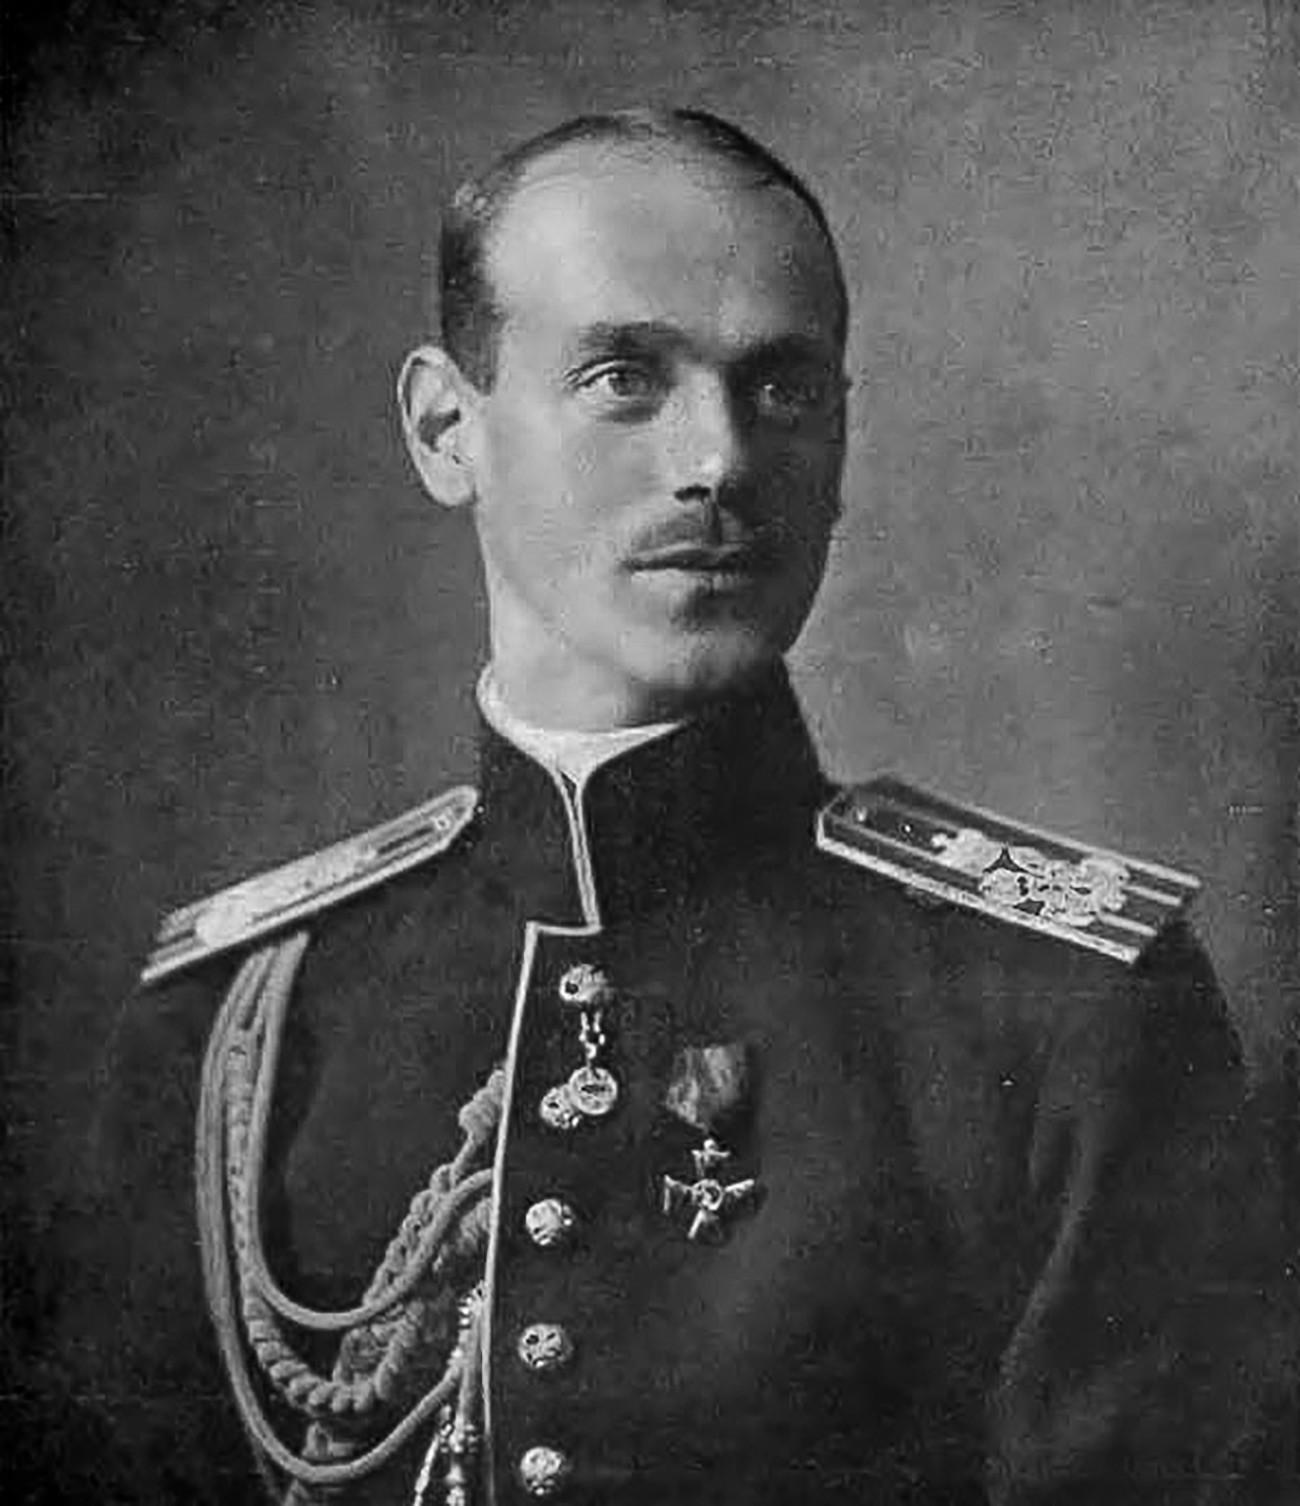 Руски велики кнез Михаил Александрович, млађи брат последњег руског цара Николаја II.